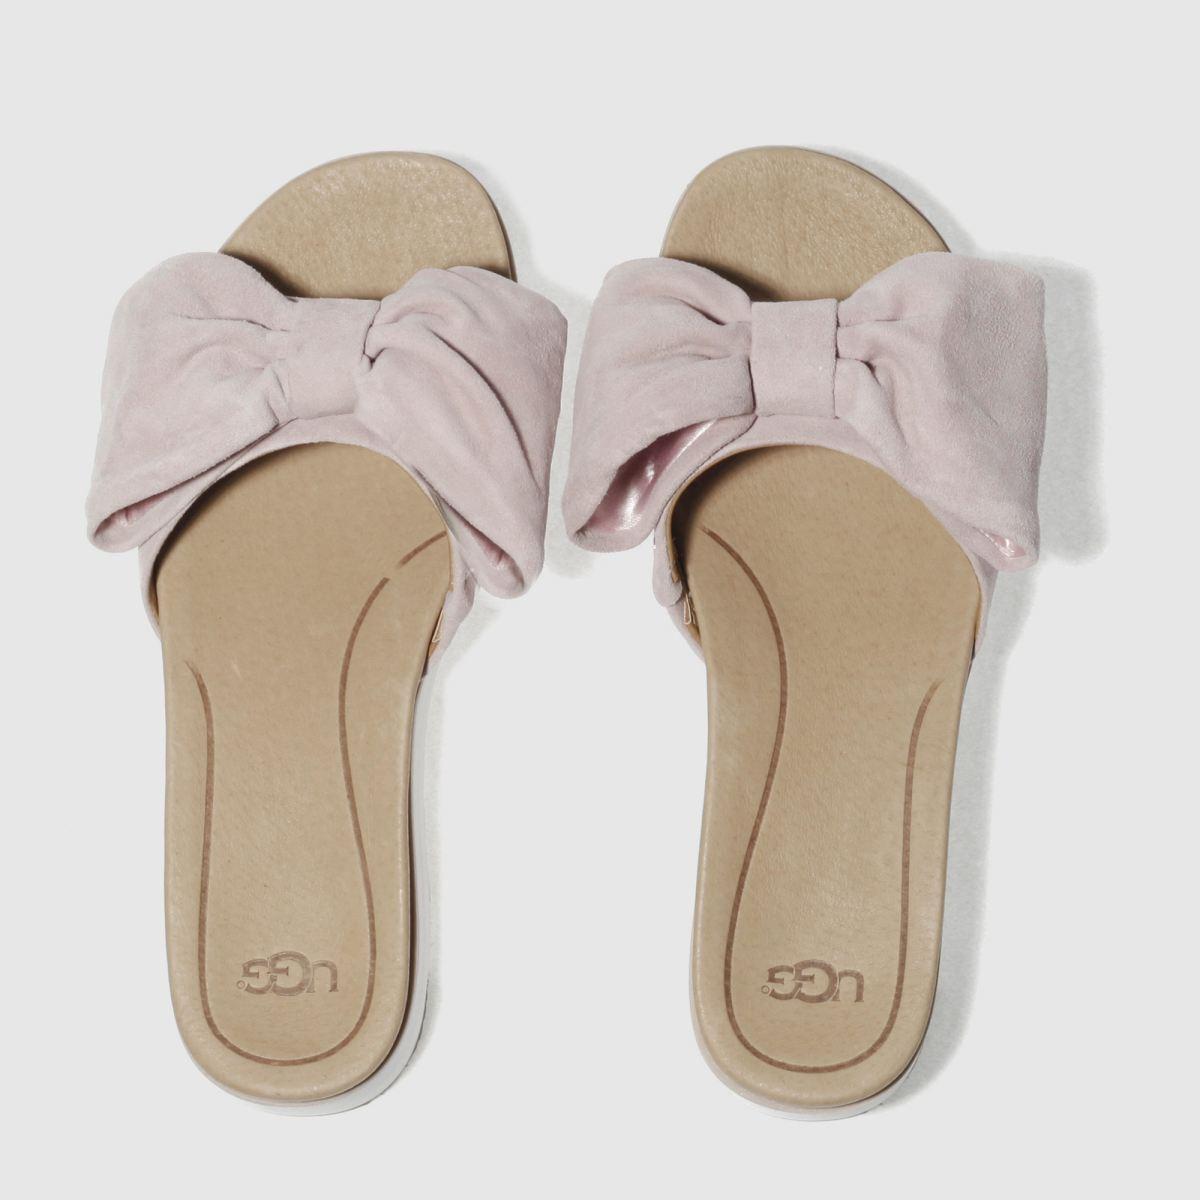 Ugg Pale Pink Joan Sandals